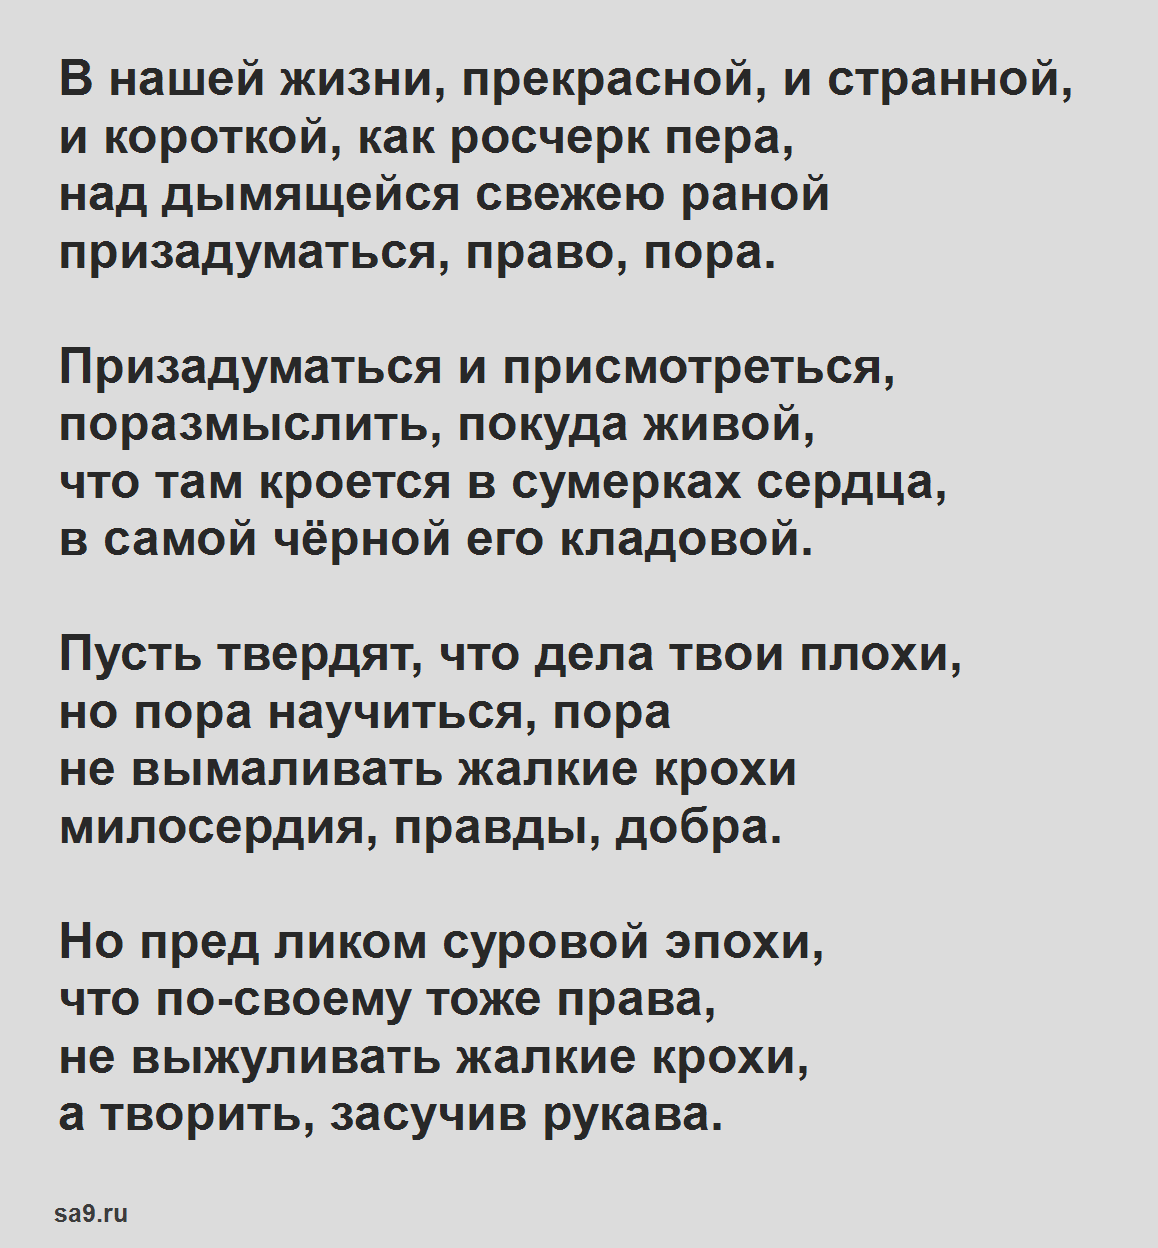 Стихи Окуджавы лучшие - В нашей жизни, прекрасной и странной